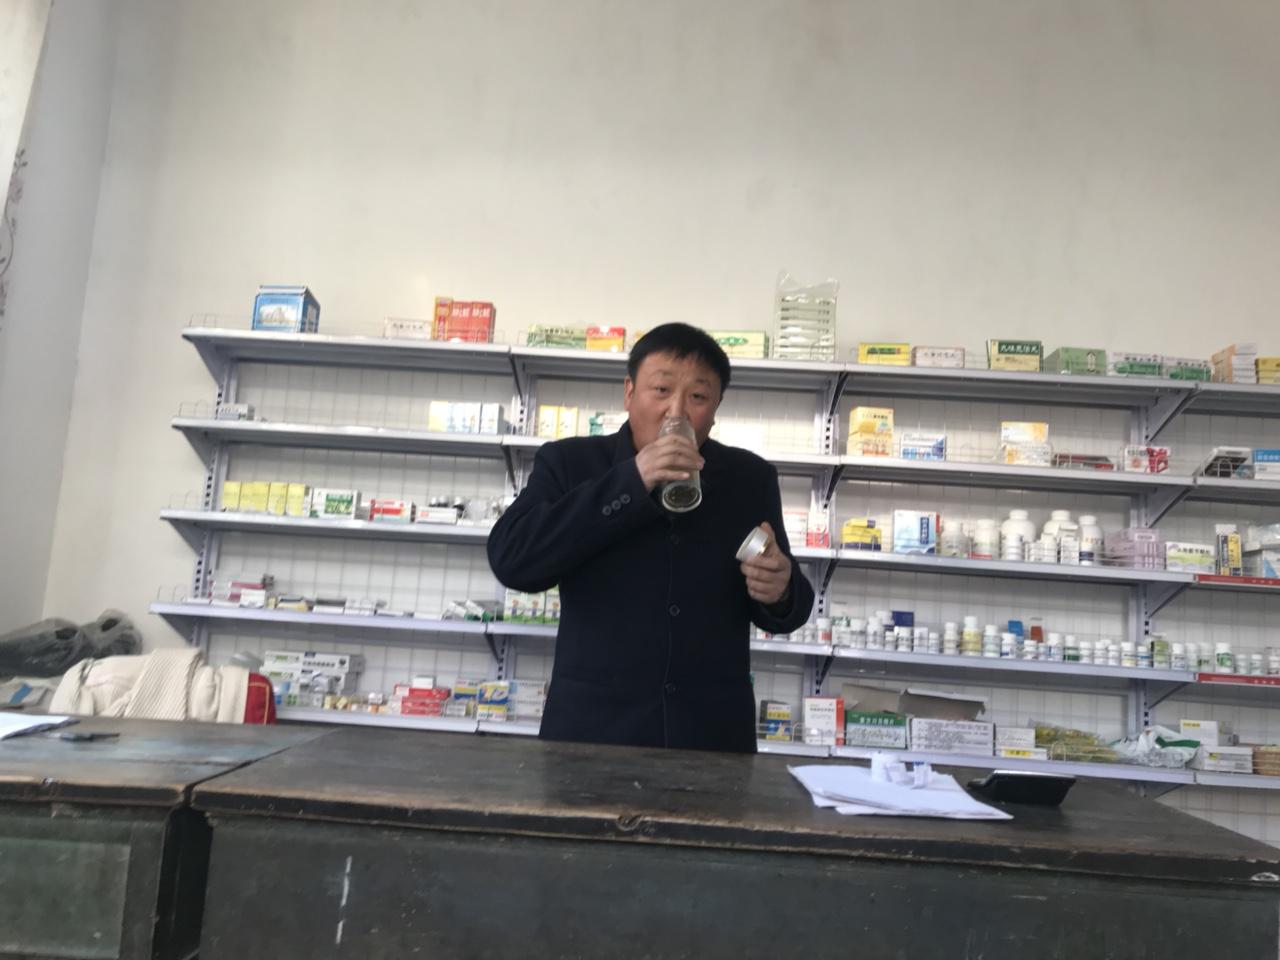 【高手在民间】村医刘全安兄弟俩忙碌的一天